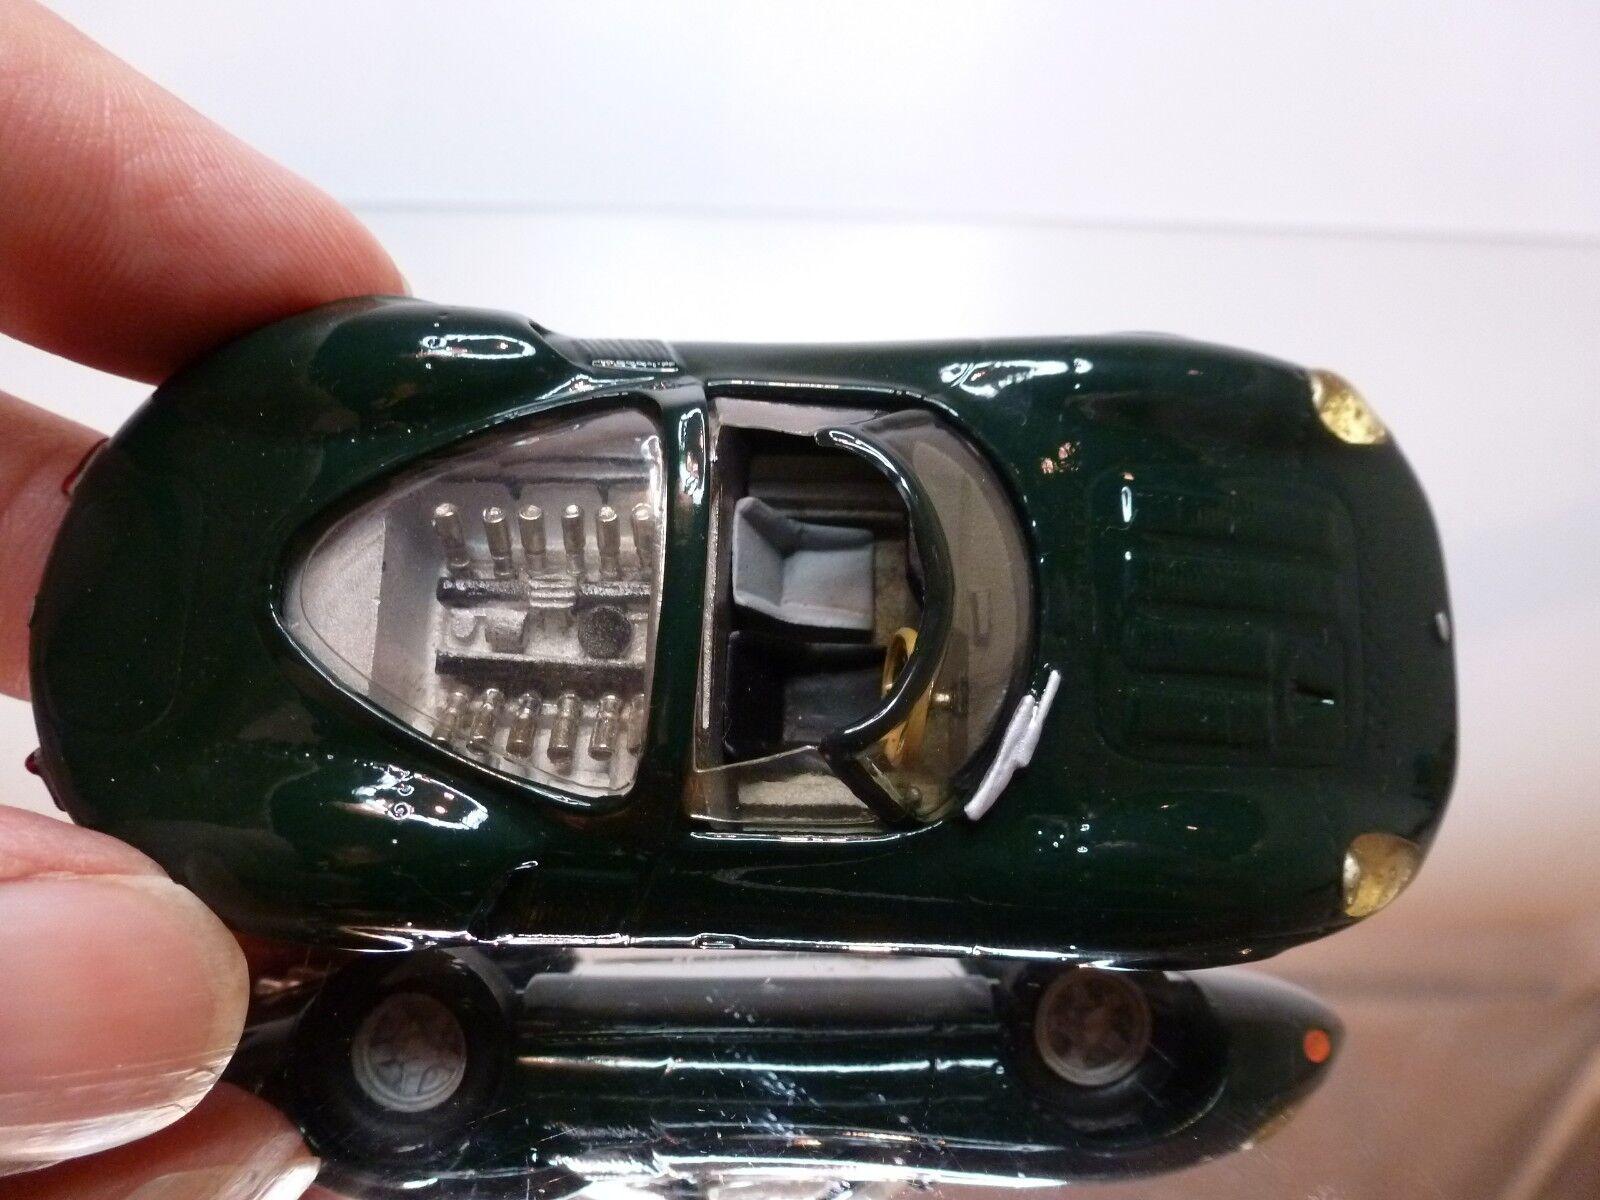 MILESTONE JAGUAR XJ13 1971 - - - GREEN 1 43 - EXCELLENT CONDITION  4 10e15d